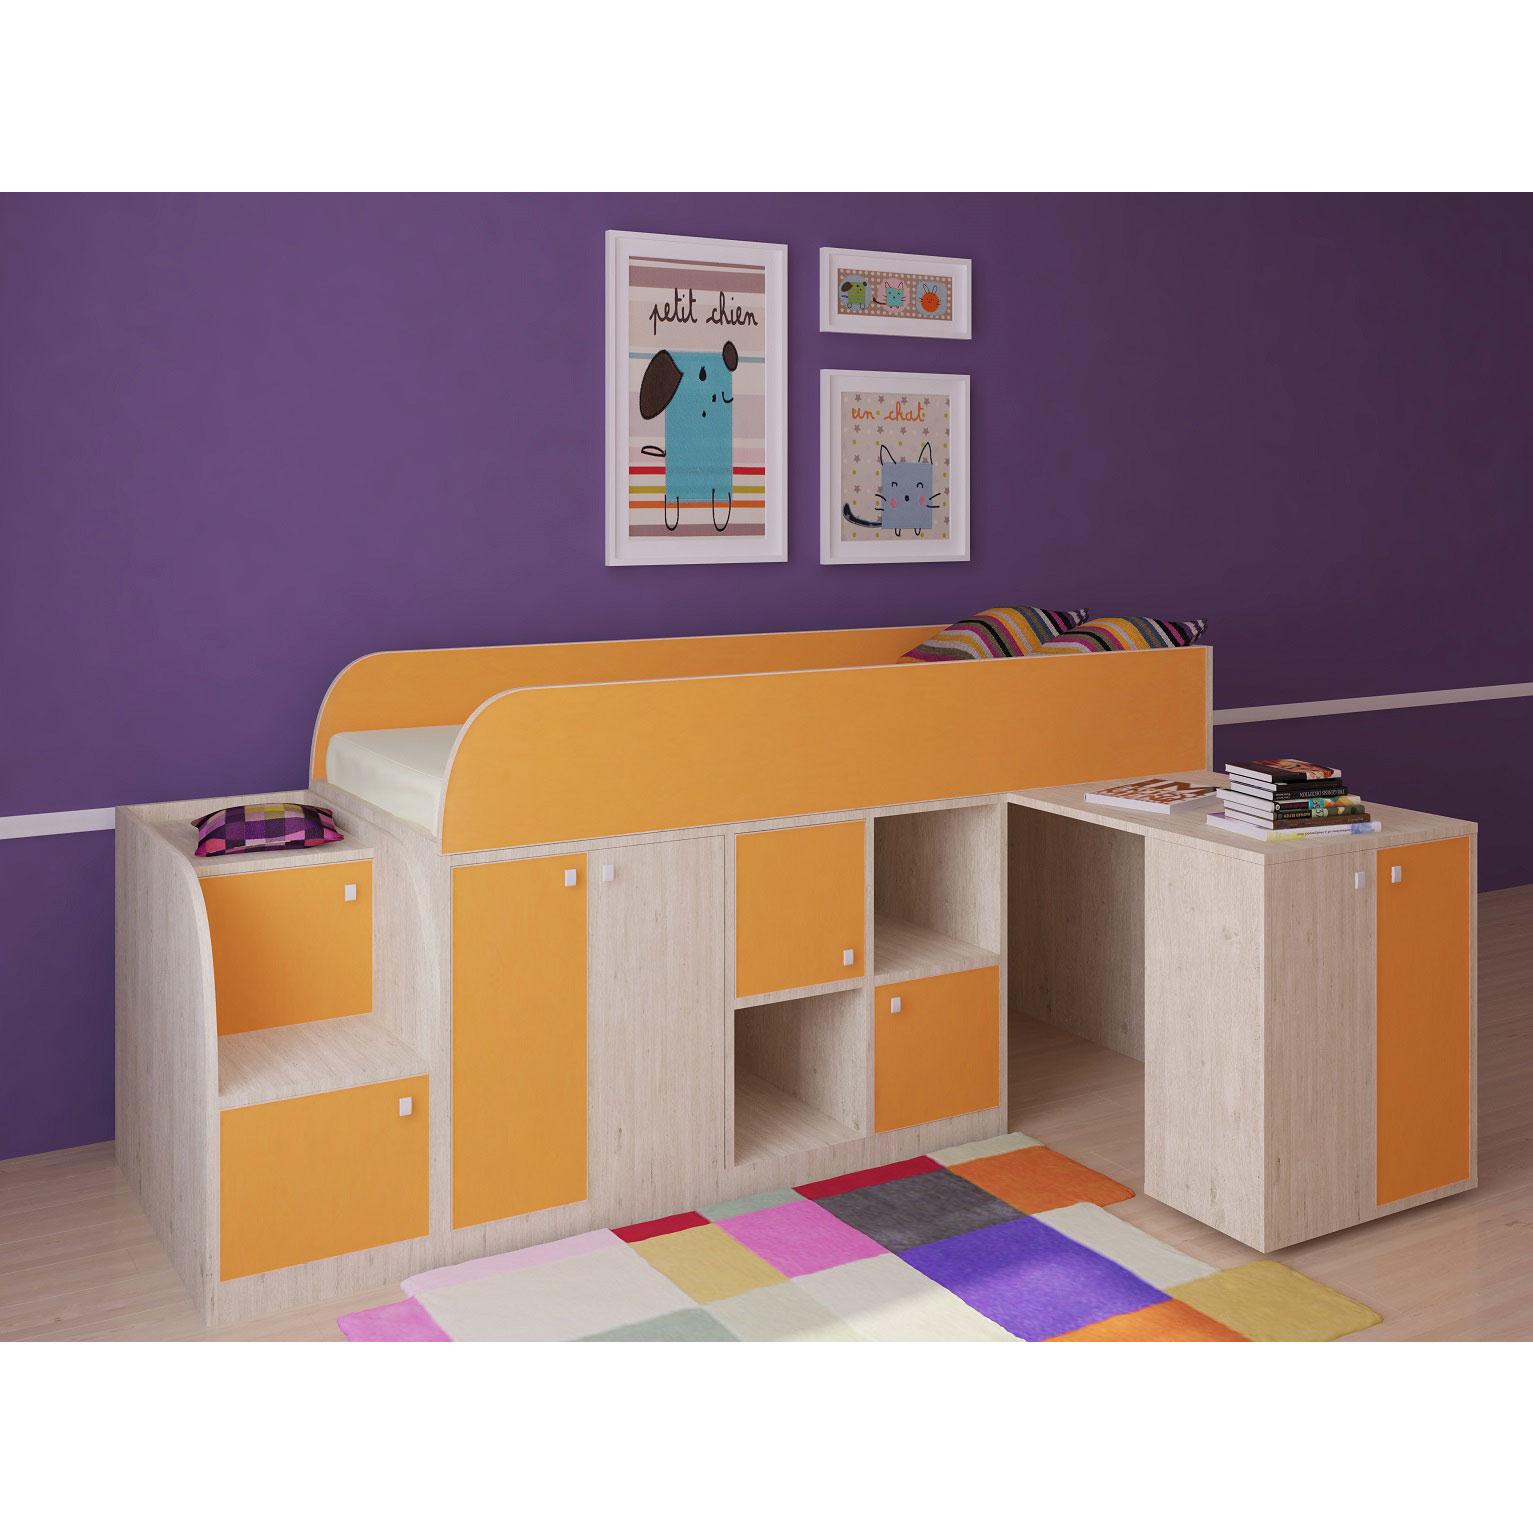 Набор мебели РВ-Мебель Астра мини Дуб молочный/Оранжевый<br>